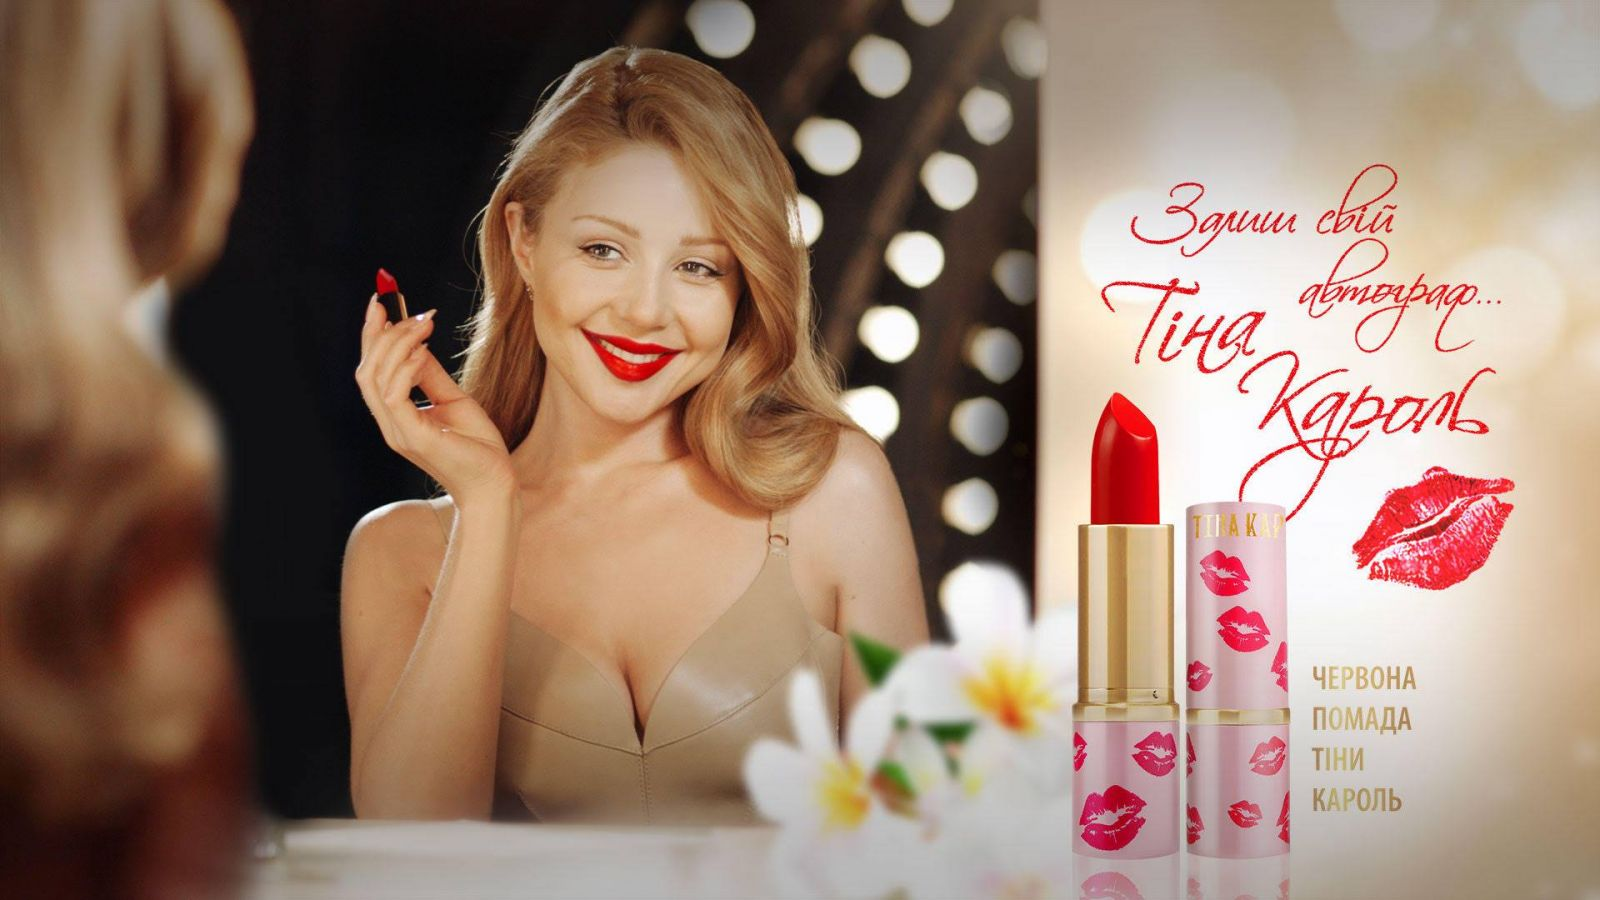 Тина Кароль выпустила красную помаду собственного бренда